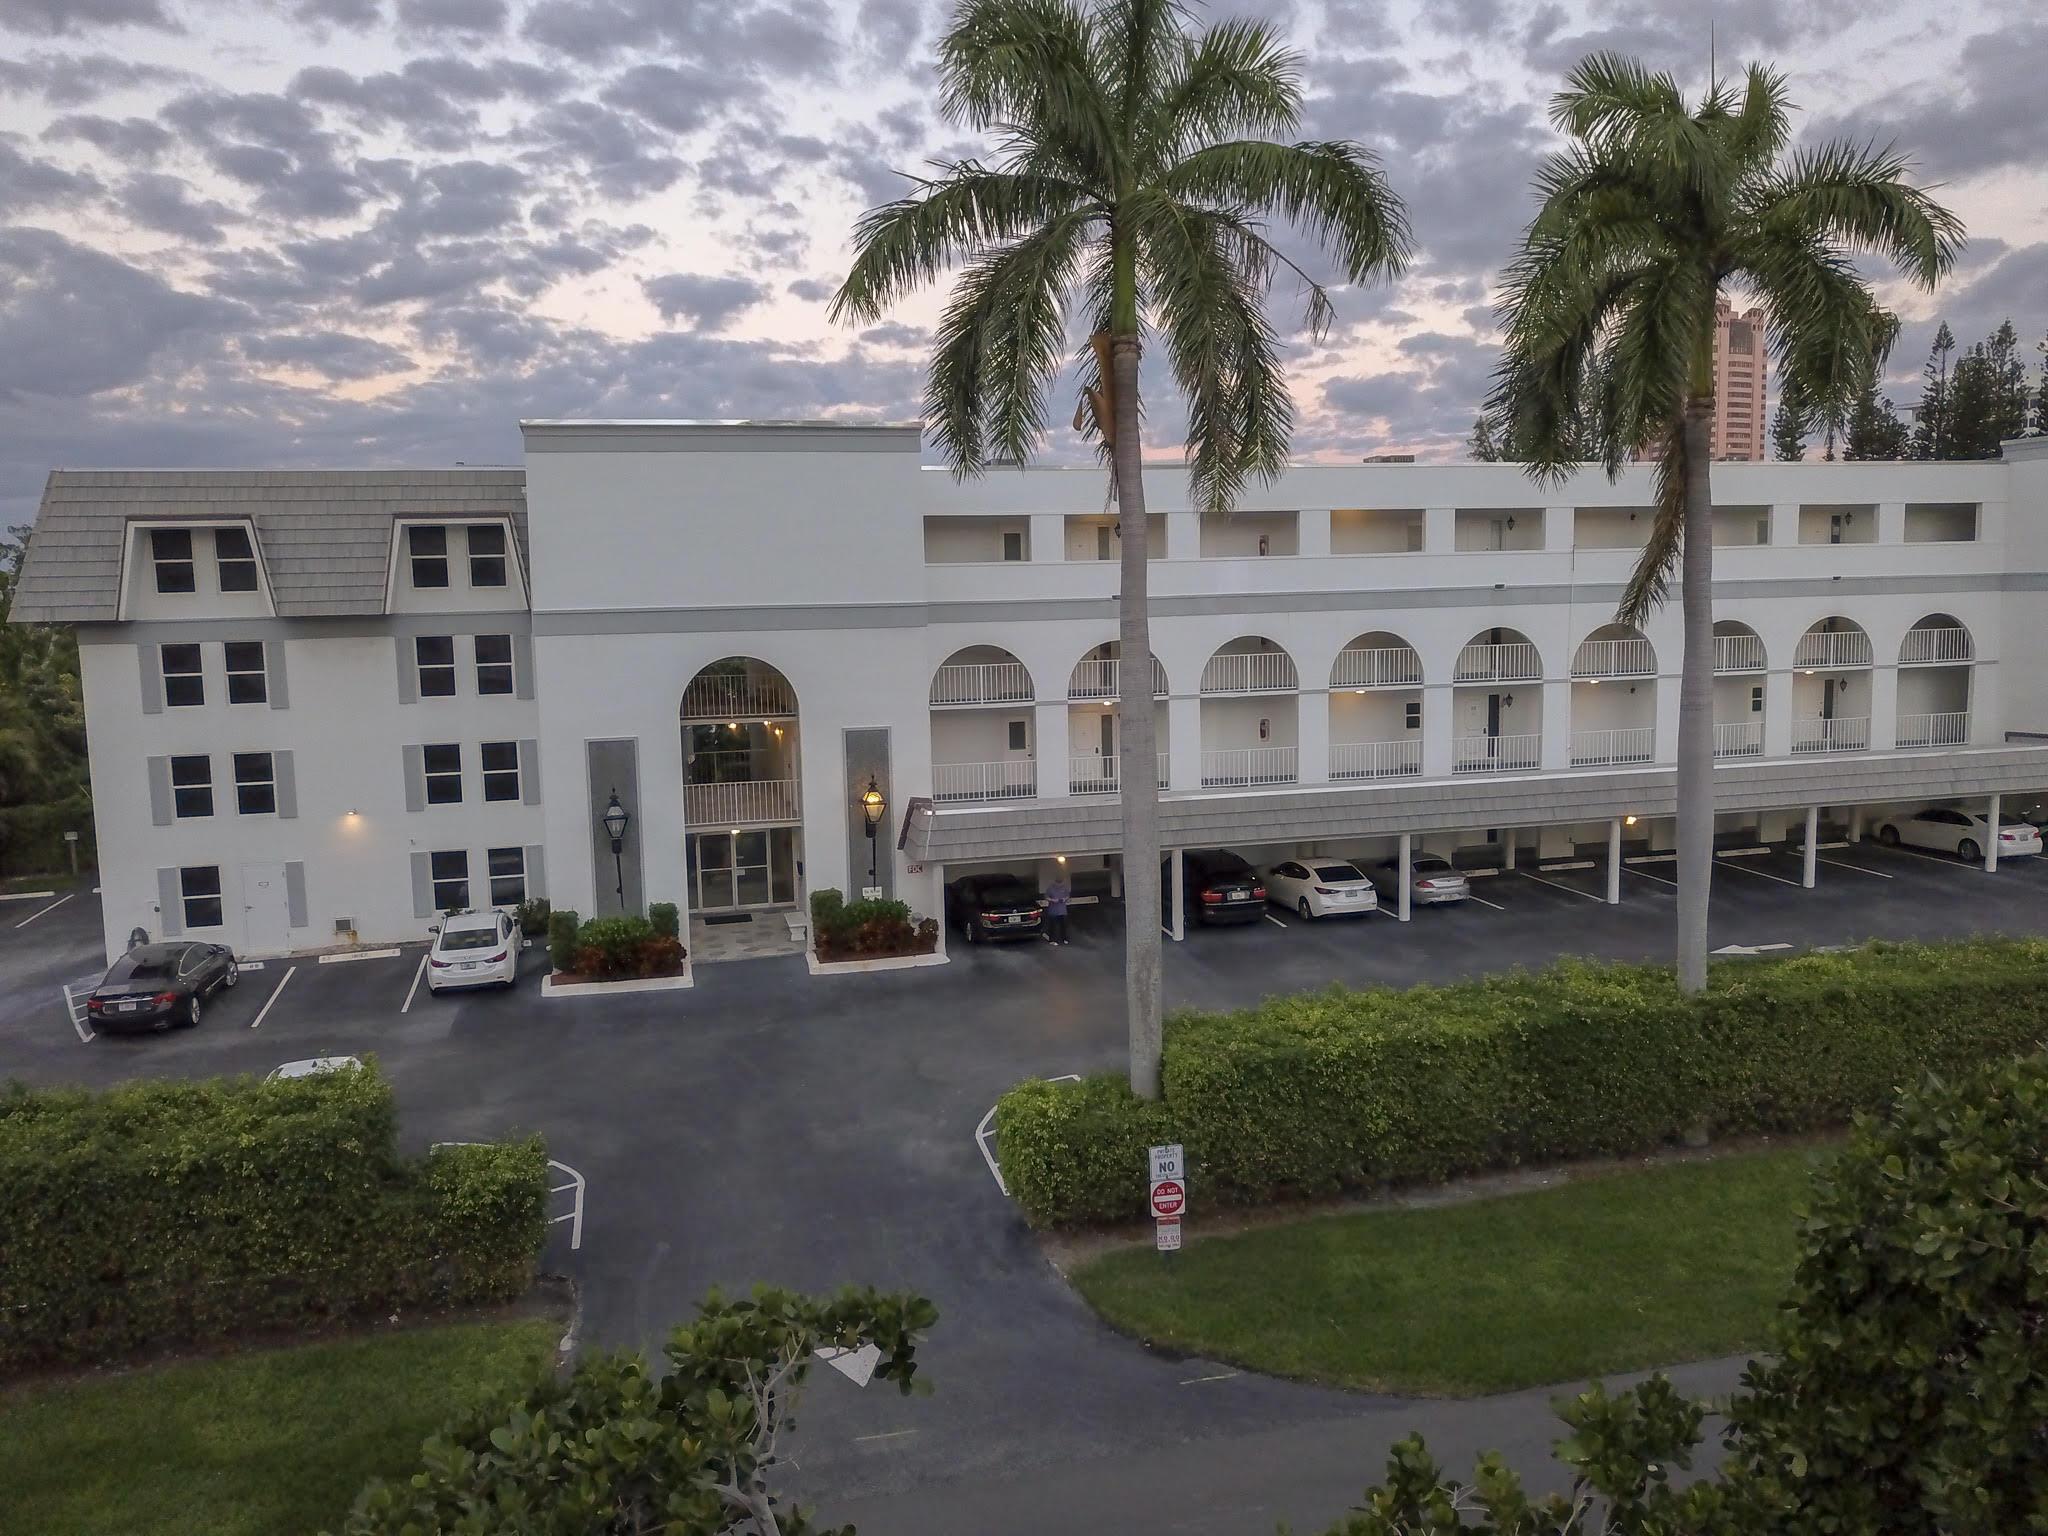 Home for sale in Atrium Boca Raton Florida